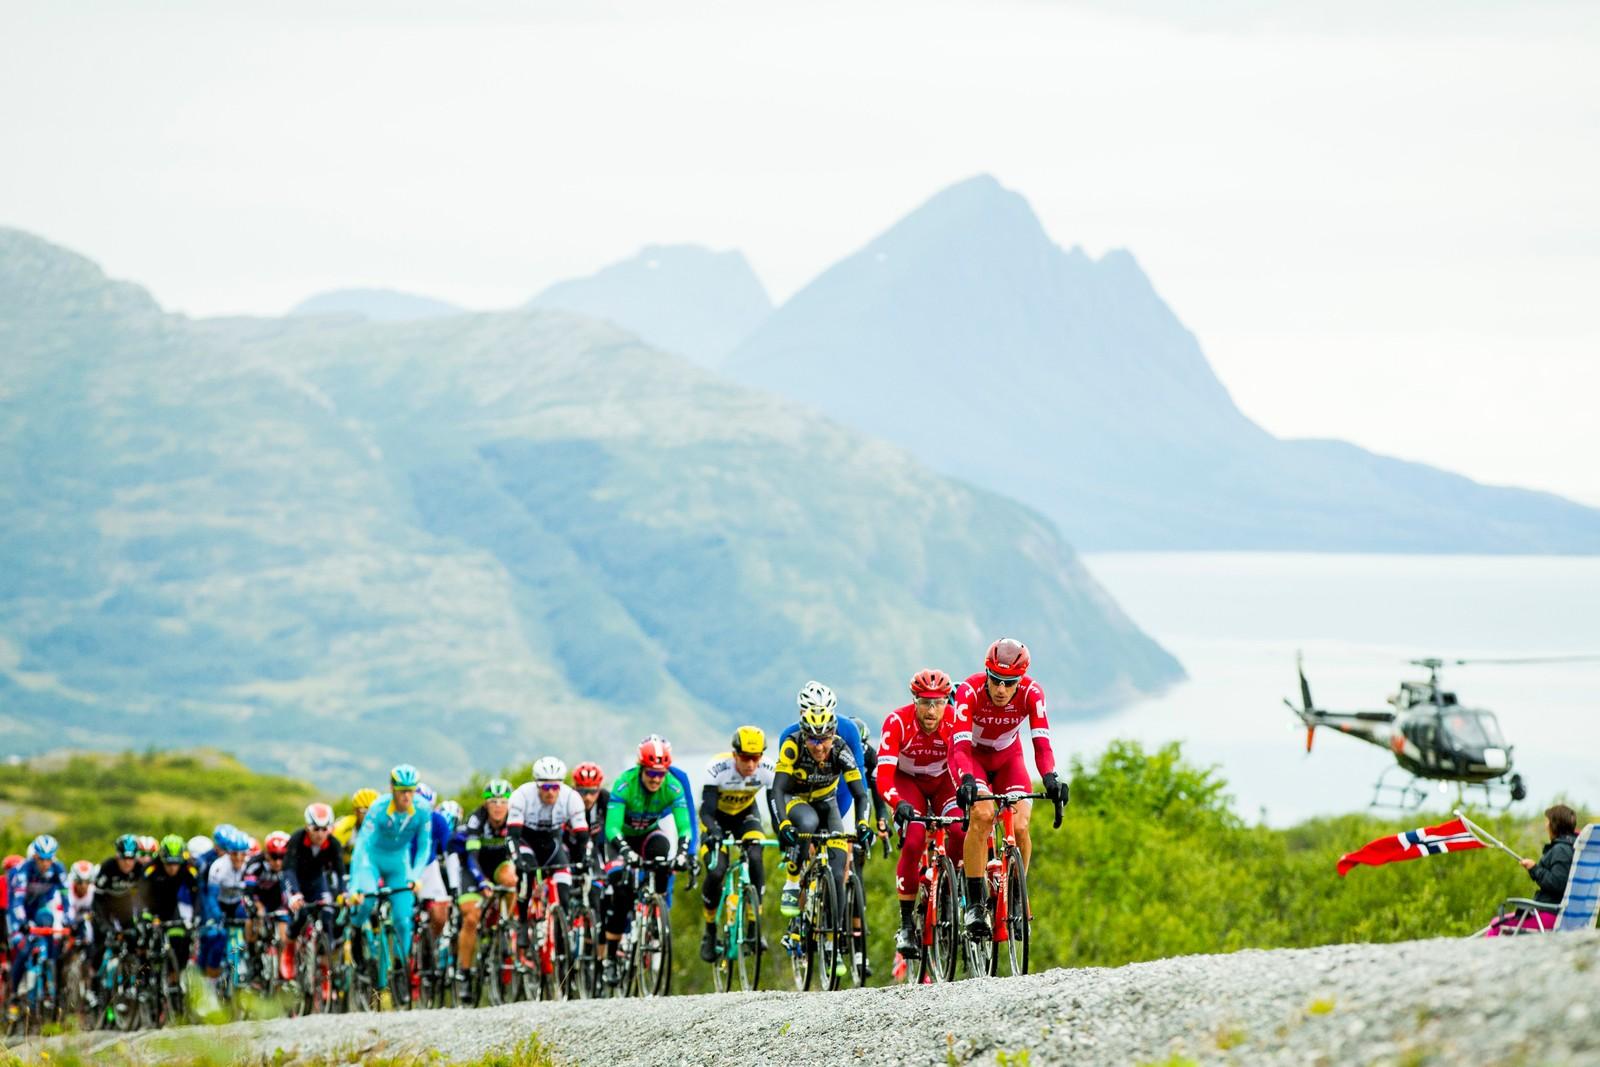 Jacopo Guarnieri fra Italia (Team Katjusja) leder an hovedfeltet under tredje etappe i sykkelrittet Arctic Race of Norway lørdag. Etappen gikk fra Nesna til Korgfjellet.